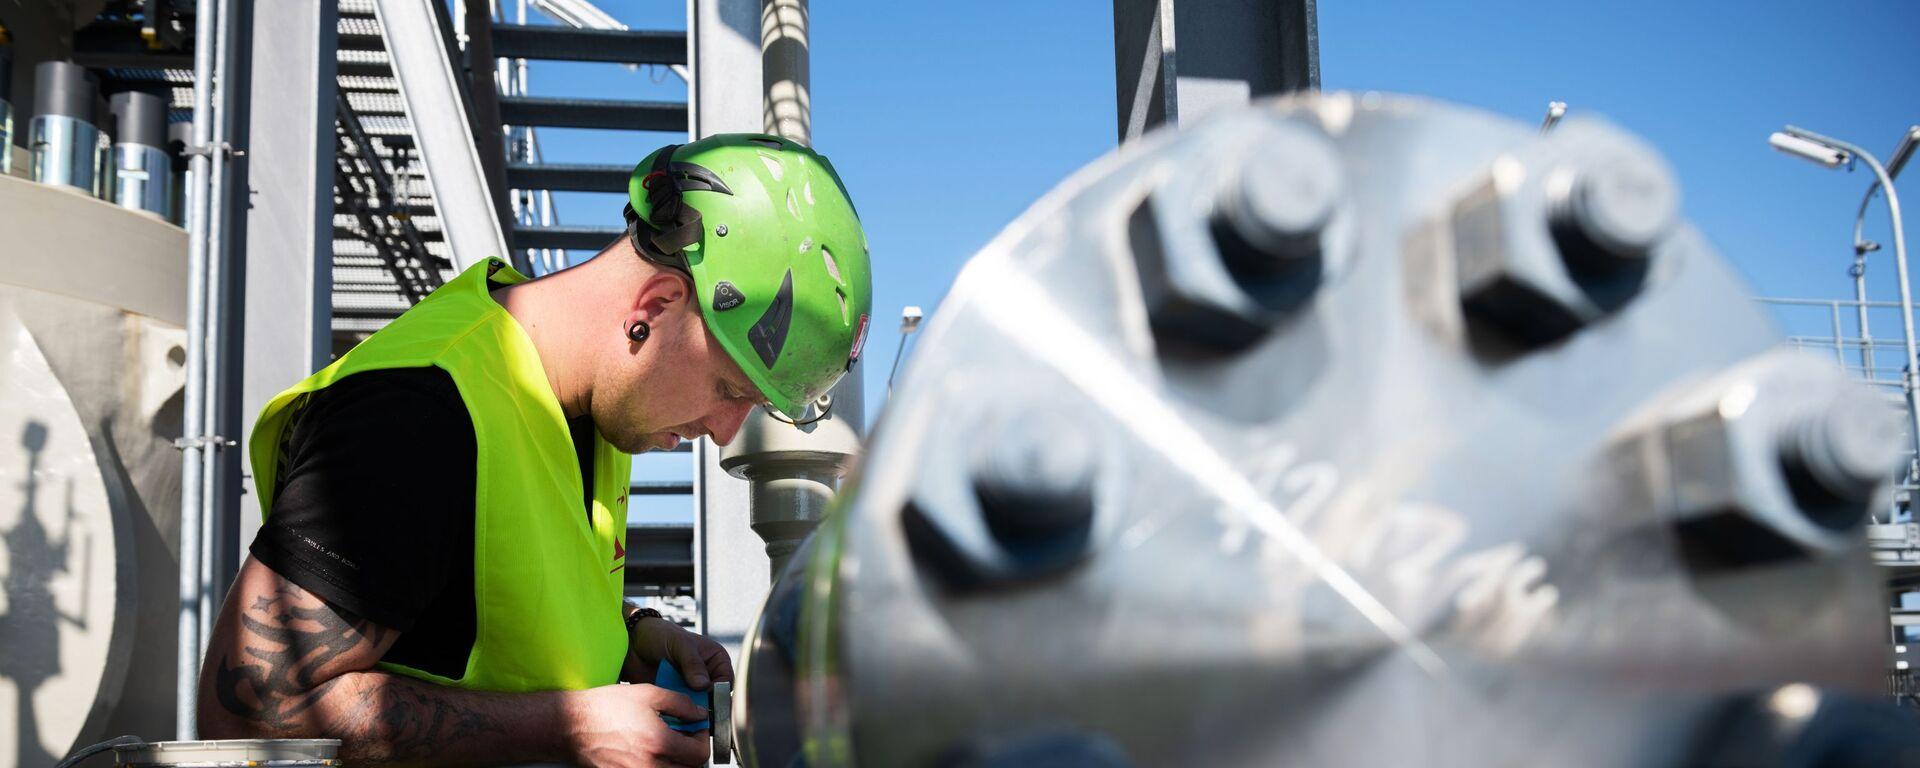 Специалист работает на территории газораспределительного центра магистрального газопровода Северный поток-2 в городе Любмин в Германии. - Sputnik Азербайджан, 1920, 07.10.2021